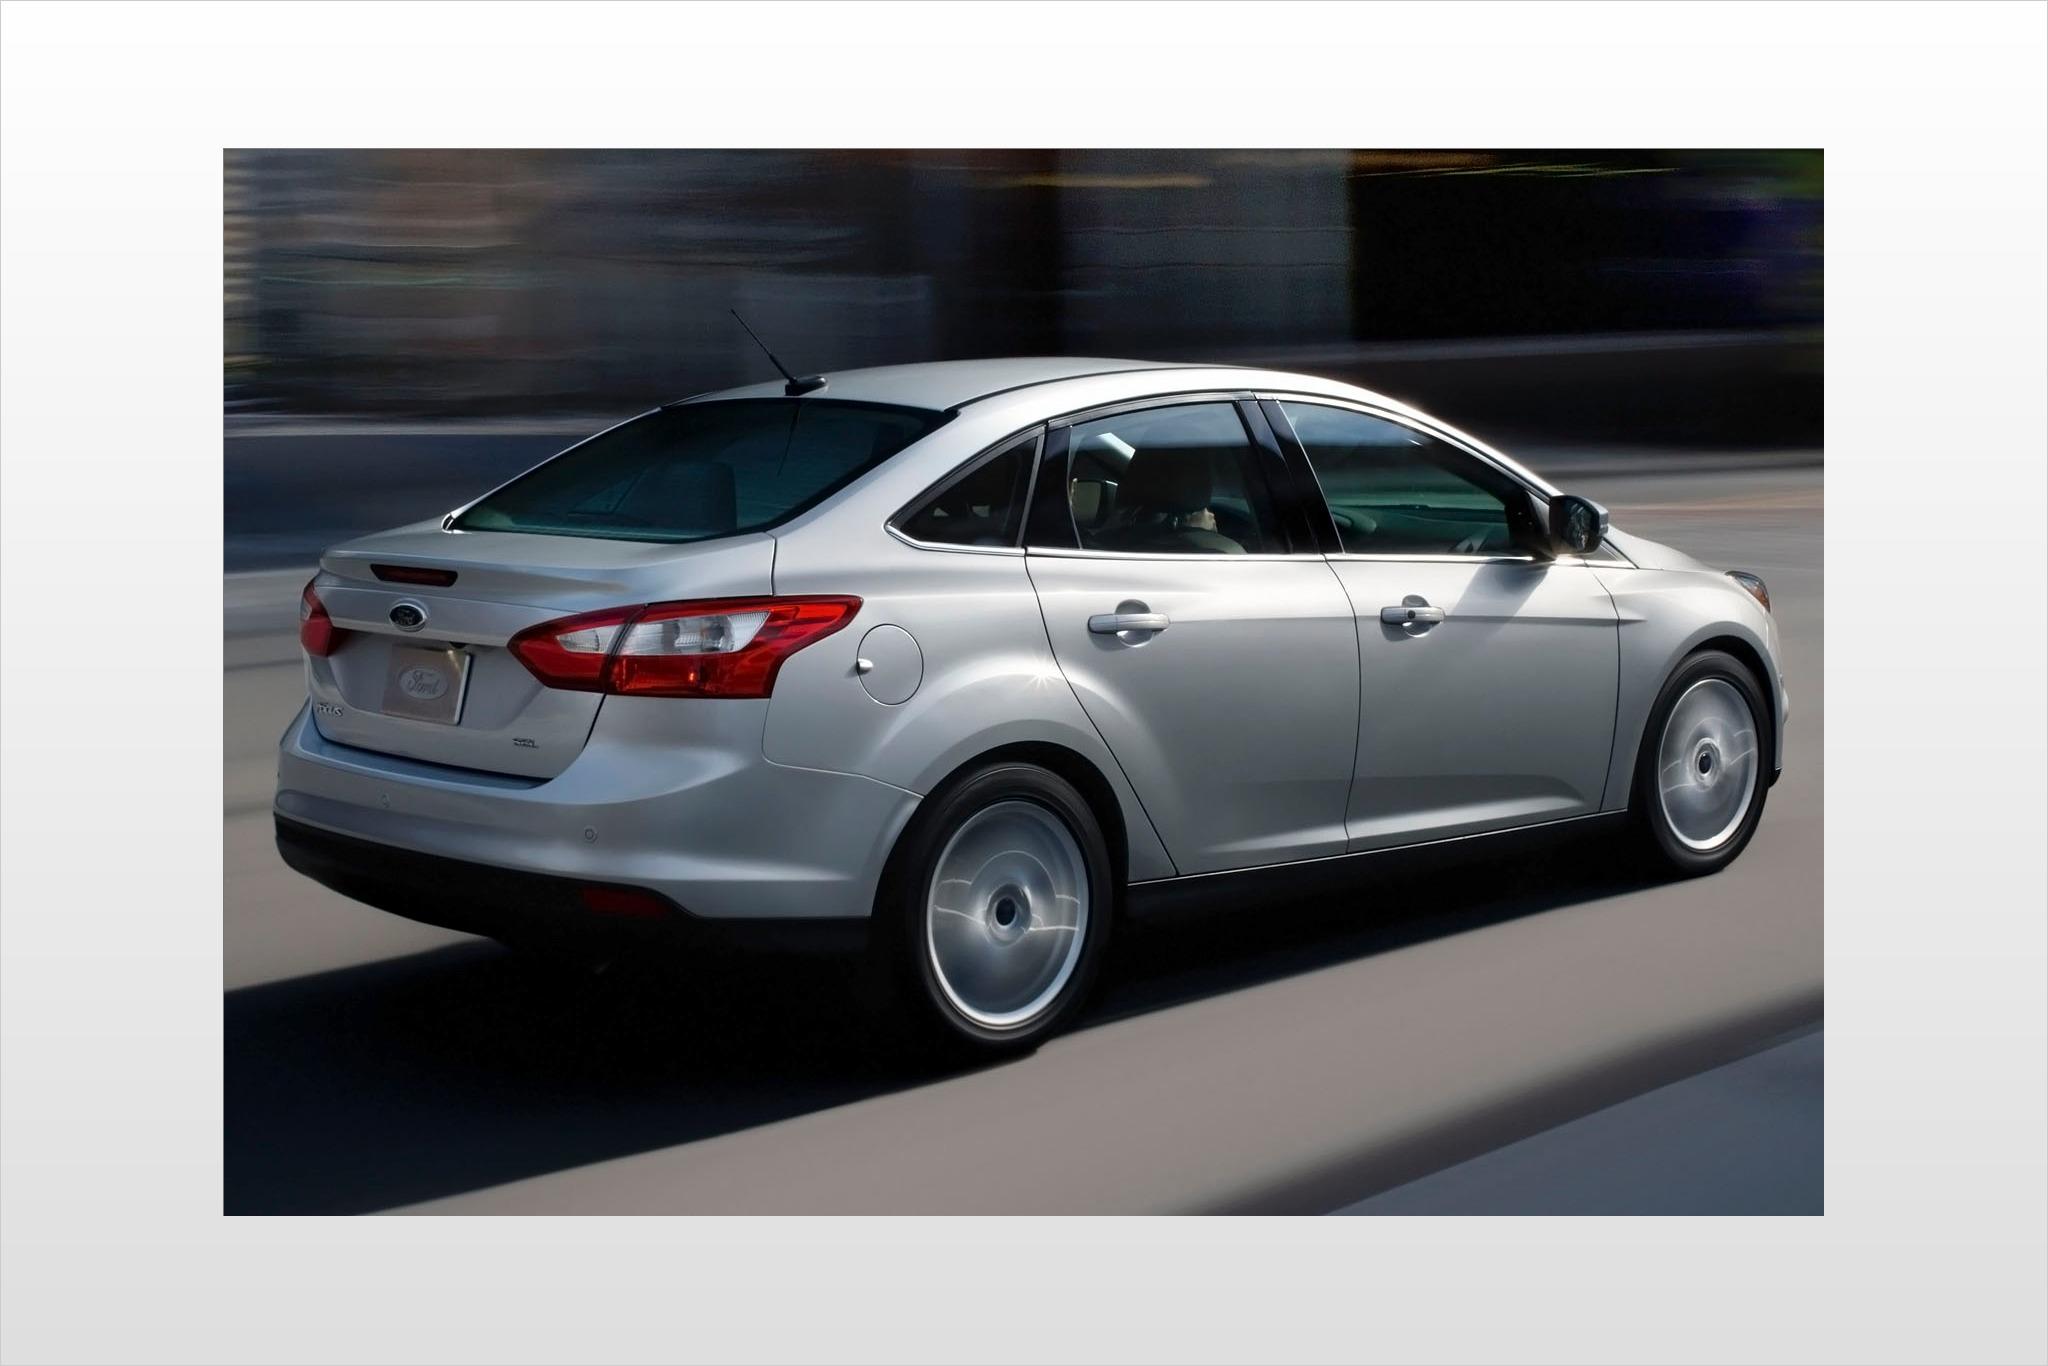 2014 ford focus 8 2013 ford focus titanium interior 8 - Ford Focus 2014 Sedan Interior